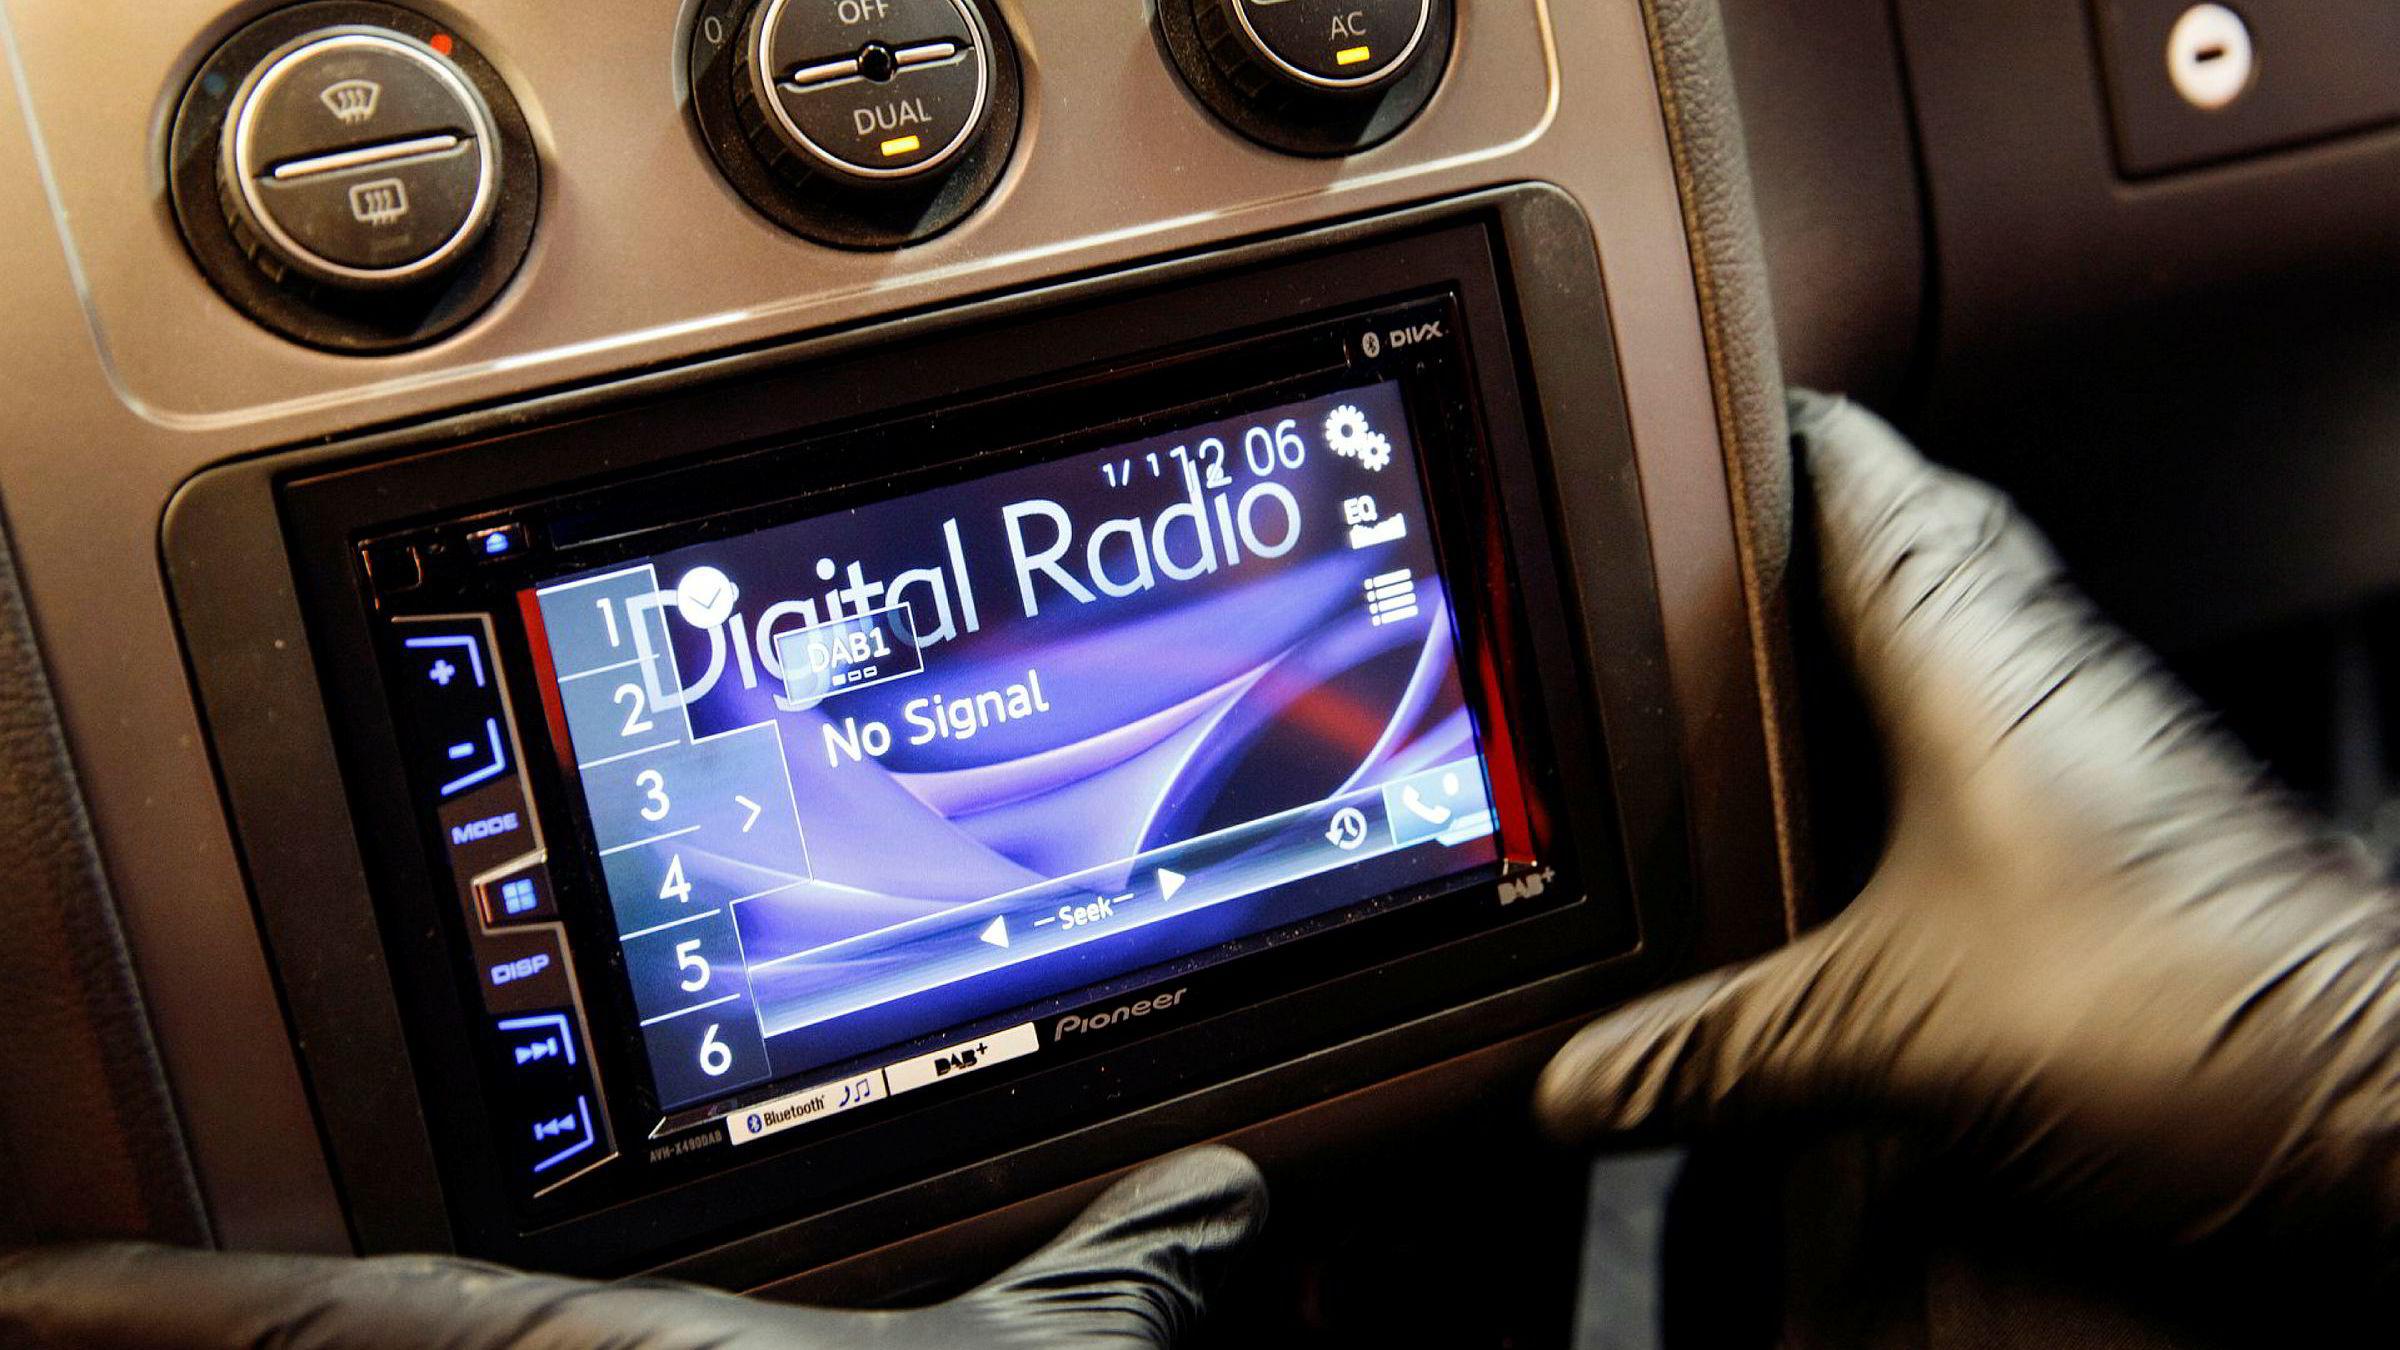 De store radiostasjonene har mistet mange lyttere etter overgangen til dab.